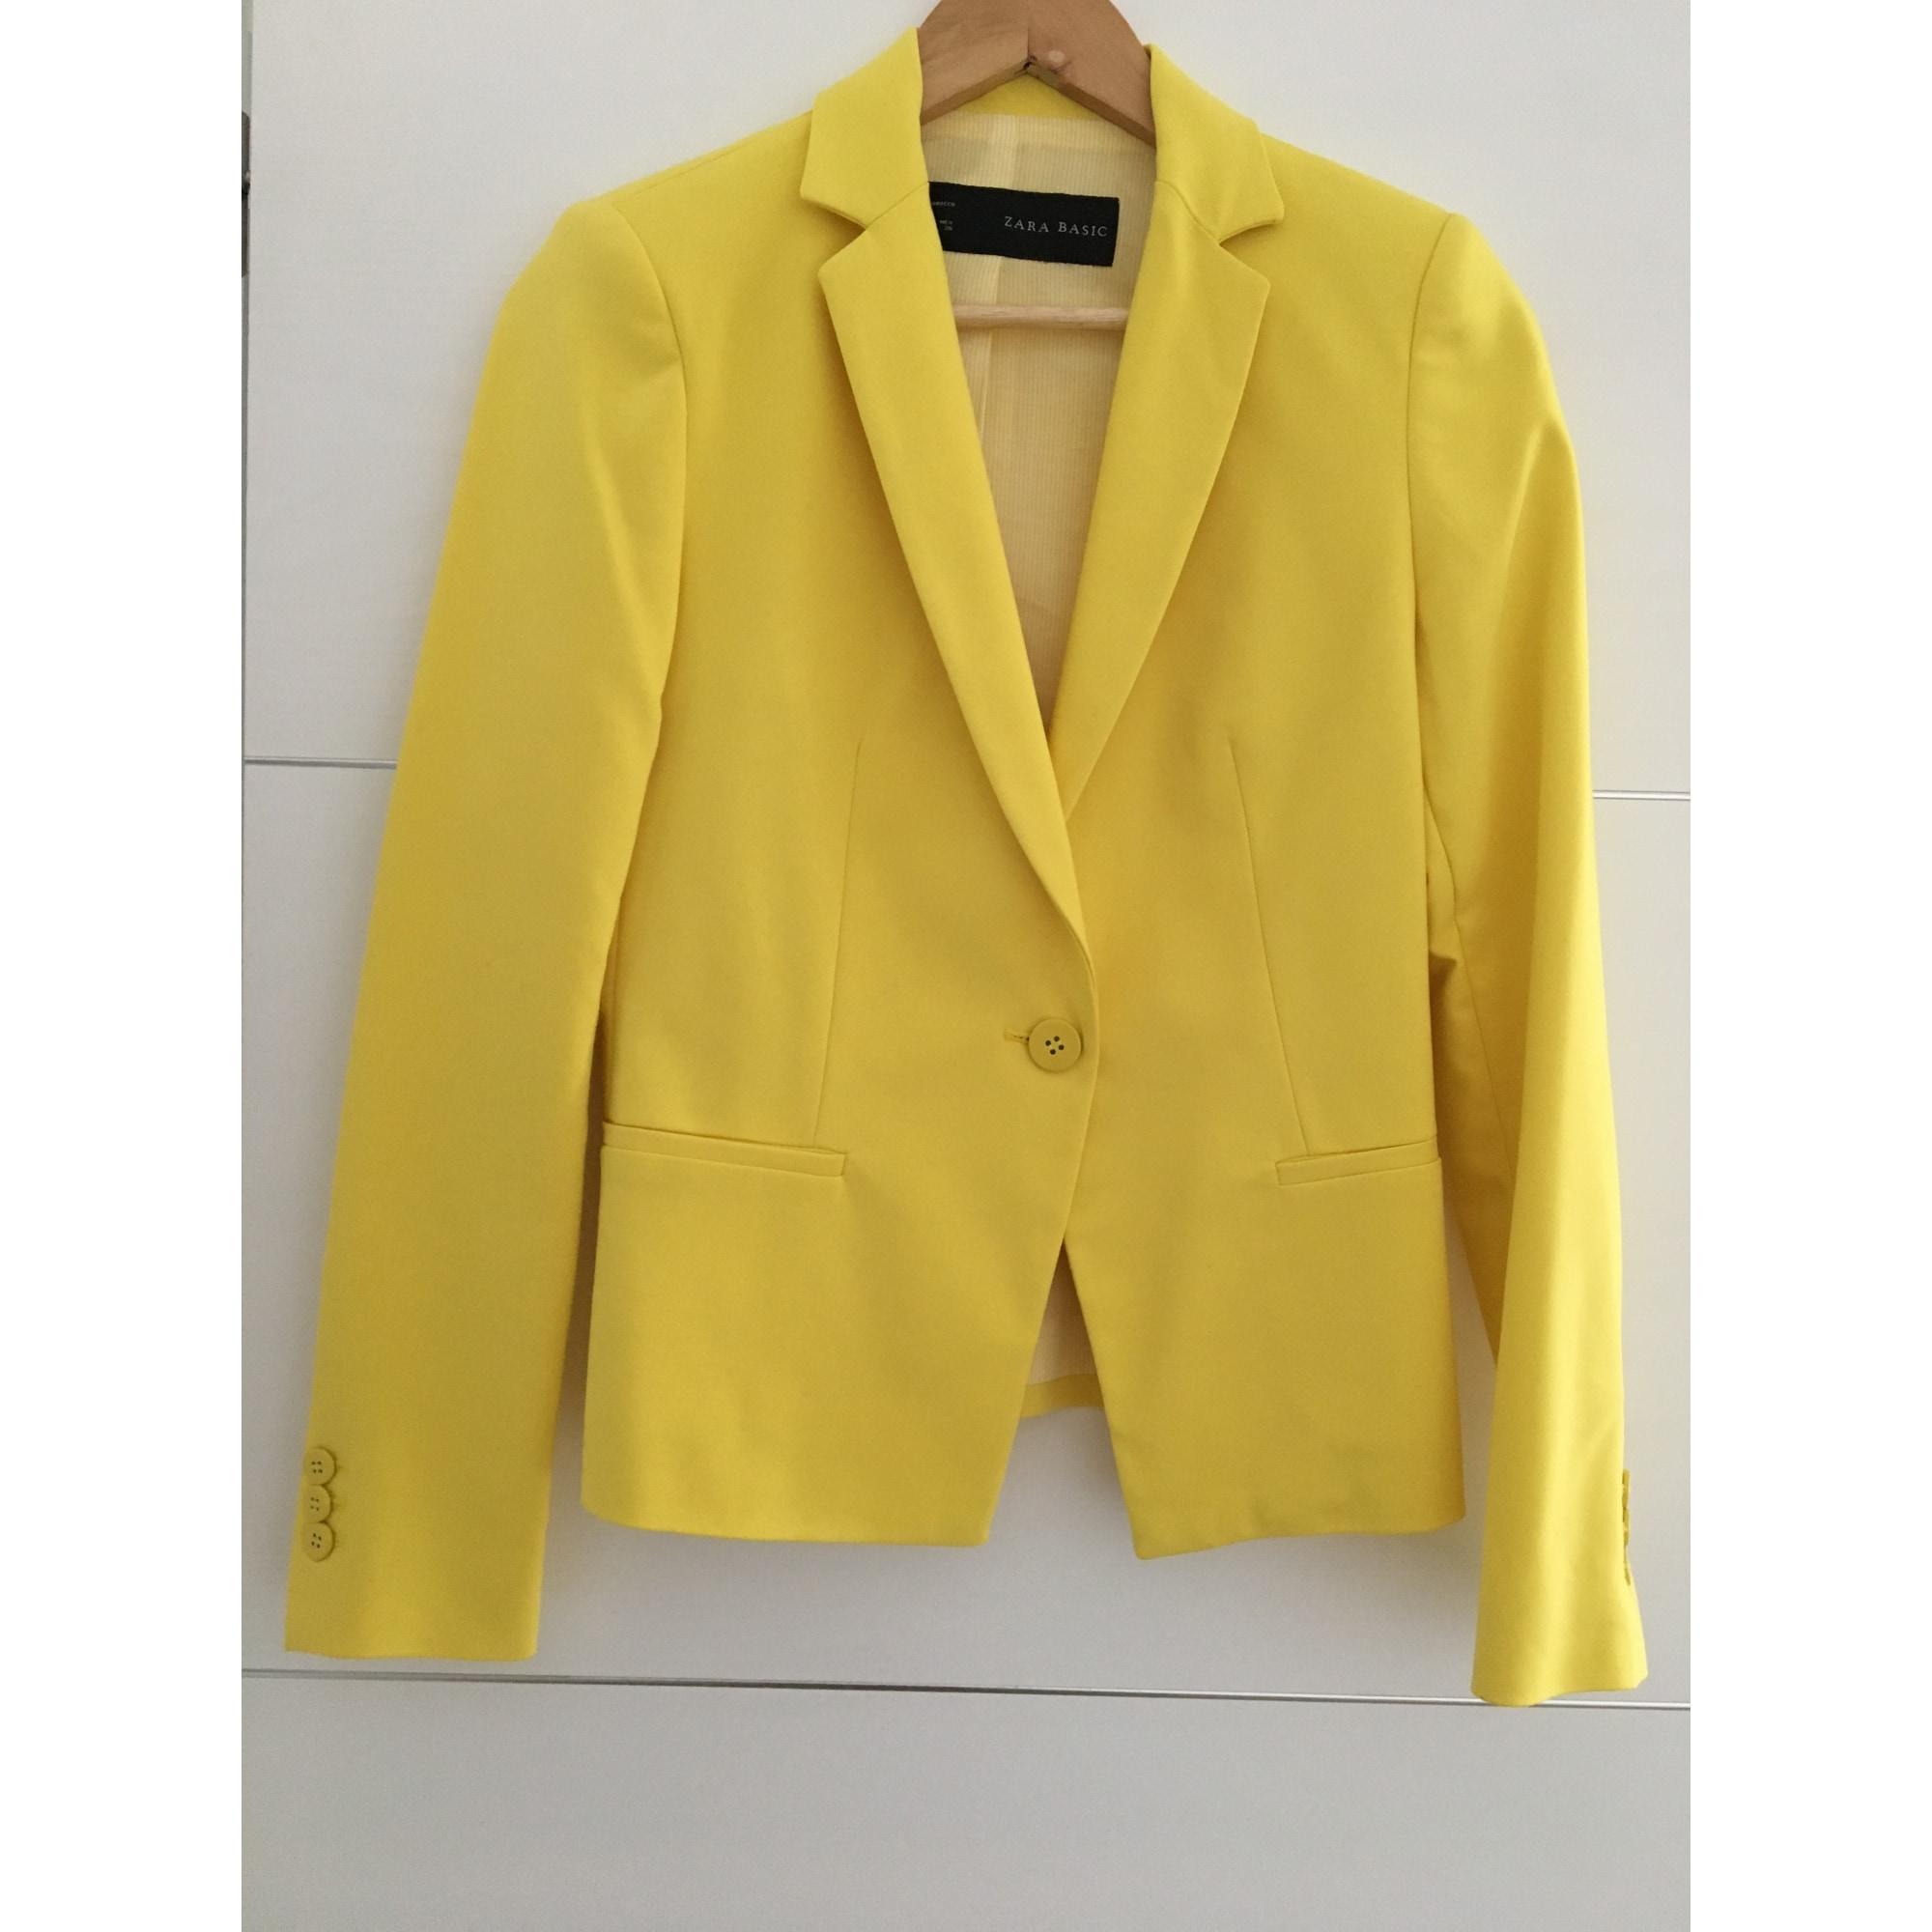 Veste de tailleur jaune